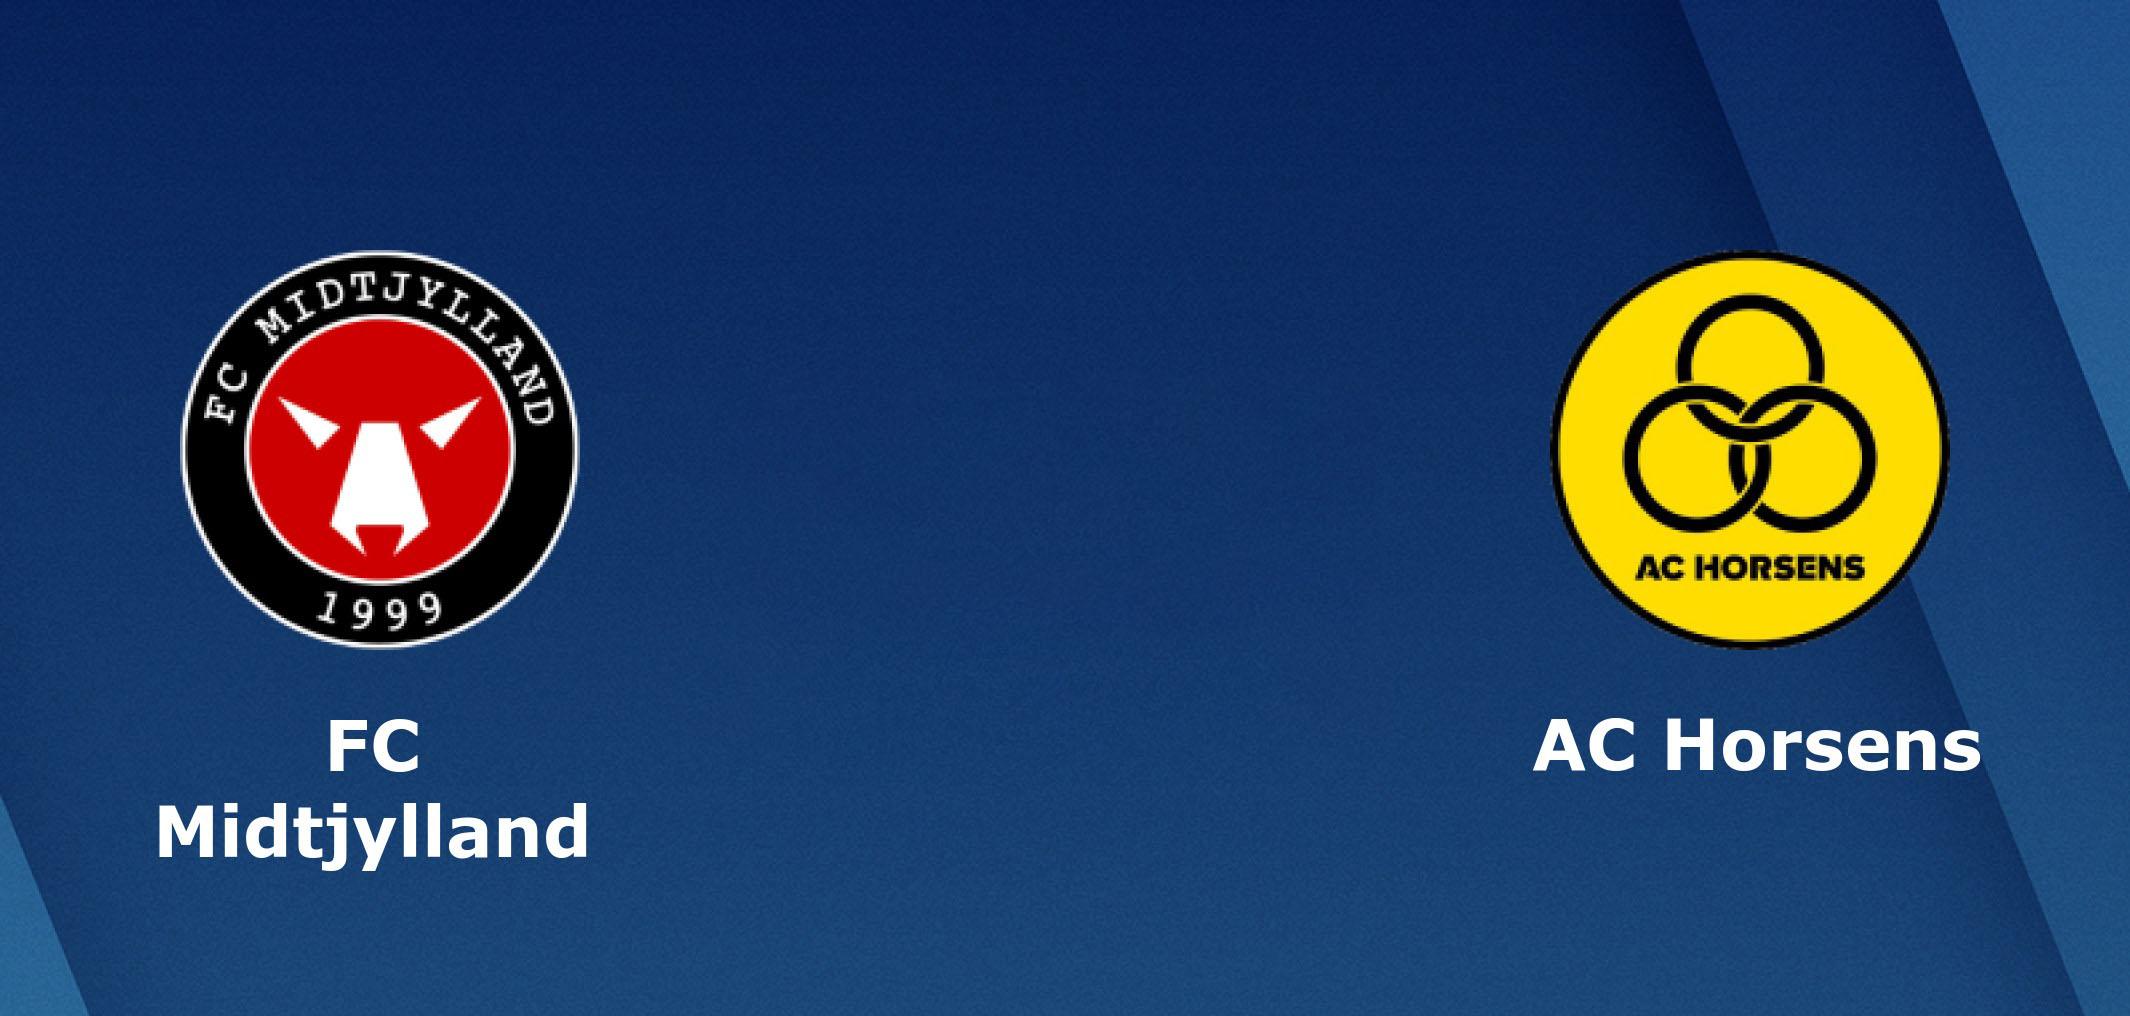 Soi kèo bóng đá FC Midtjylland vs AC Horsens – 21h00 - 01/06/2020 – Giải VĐQG Đan Mạch